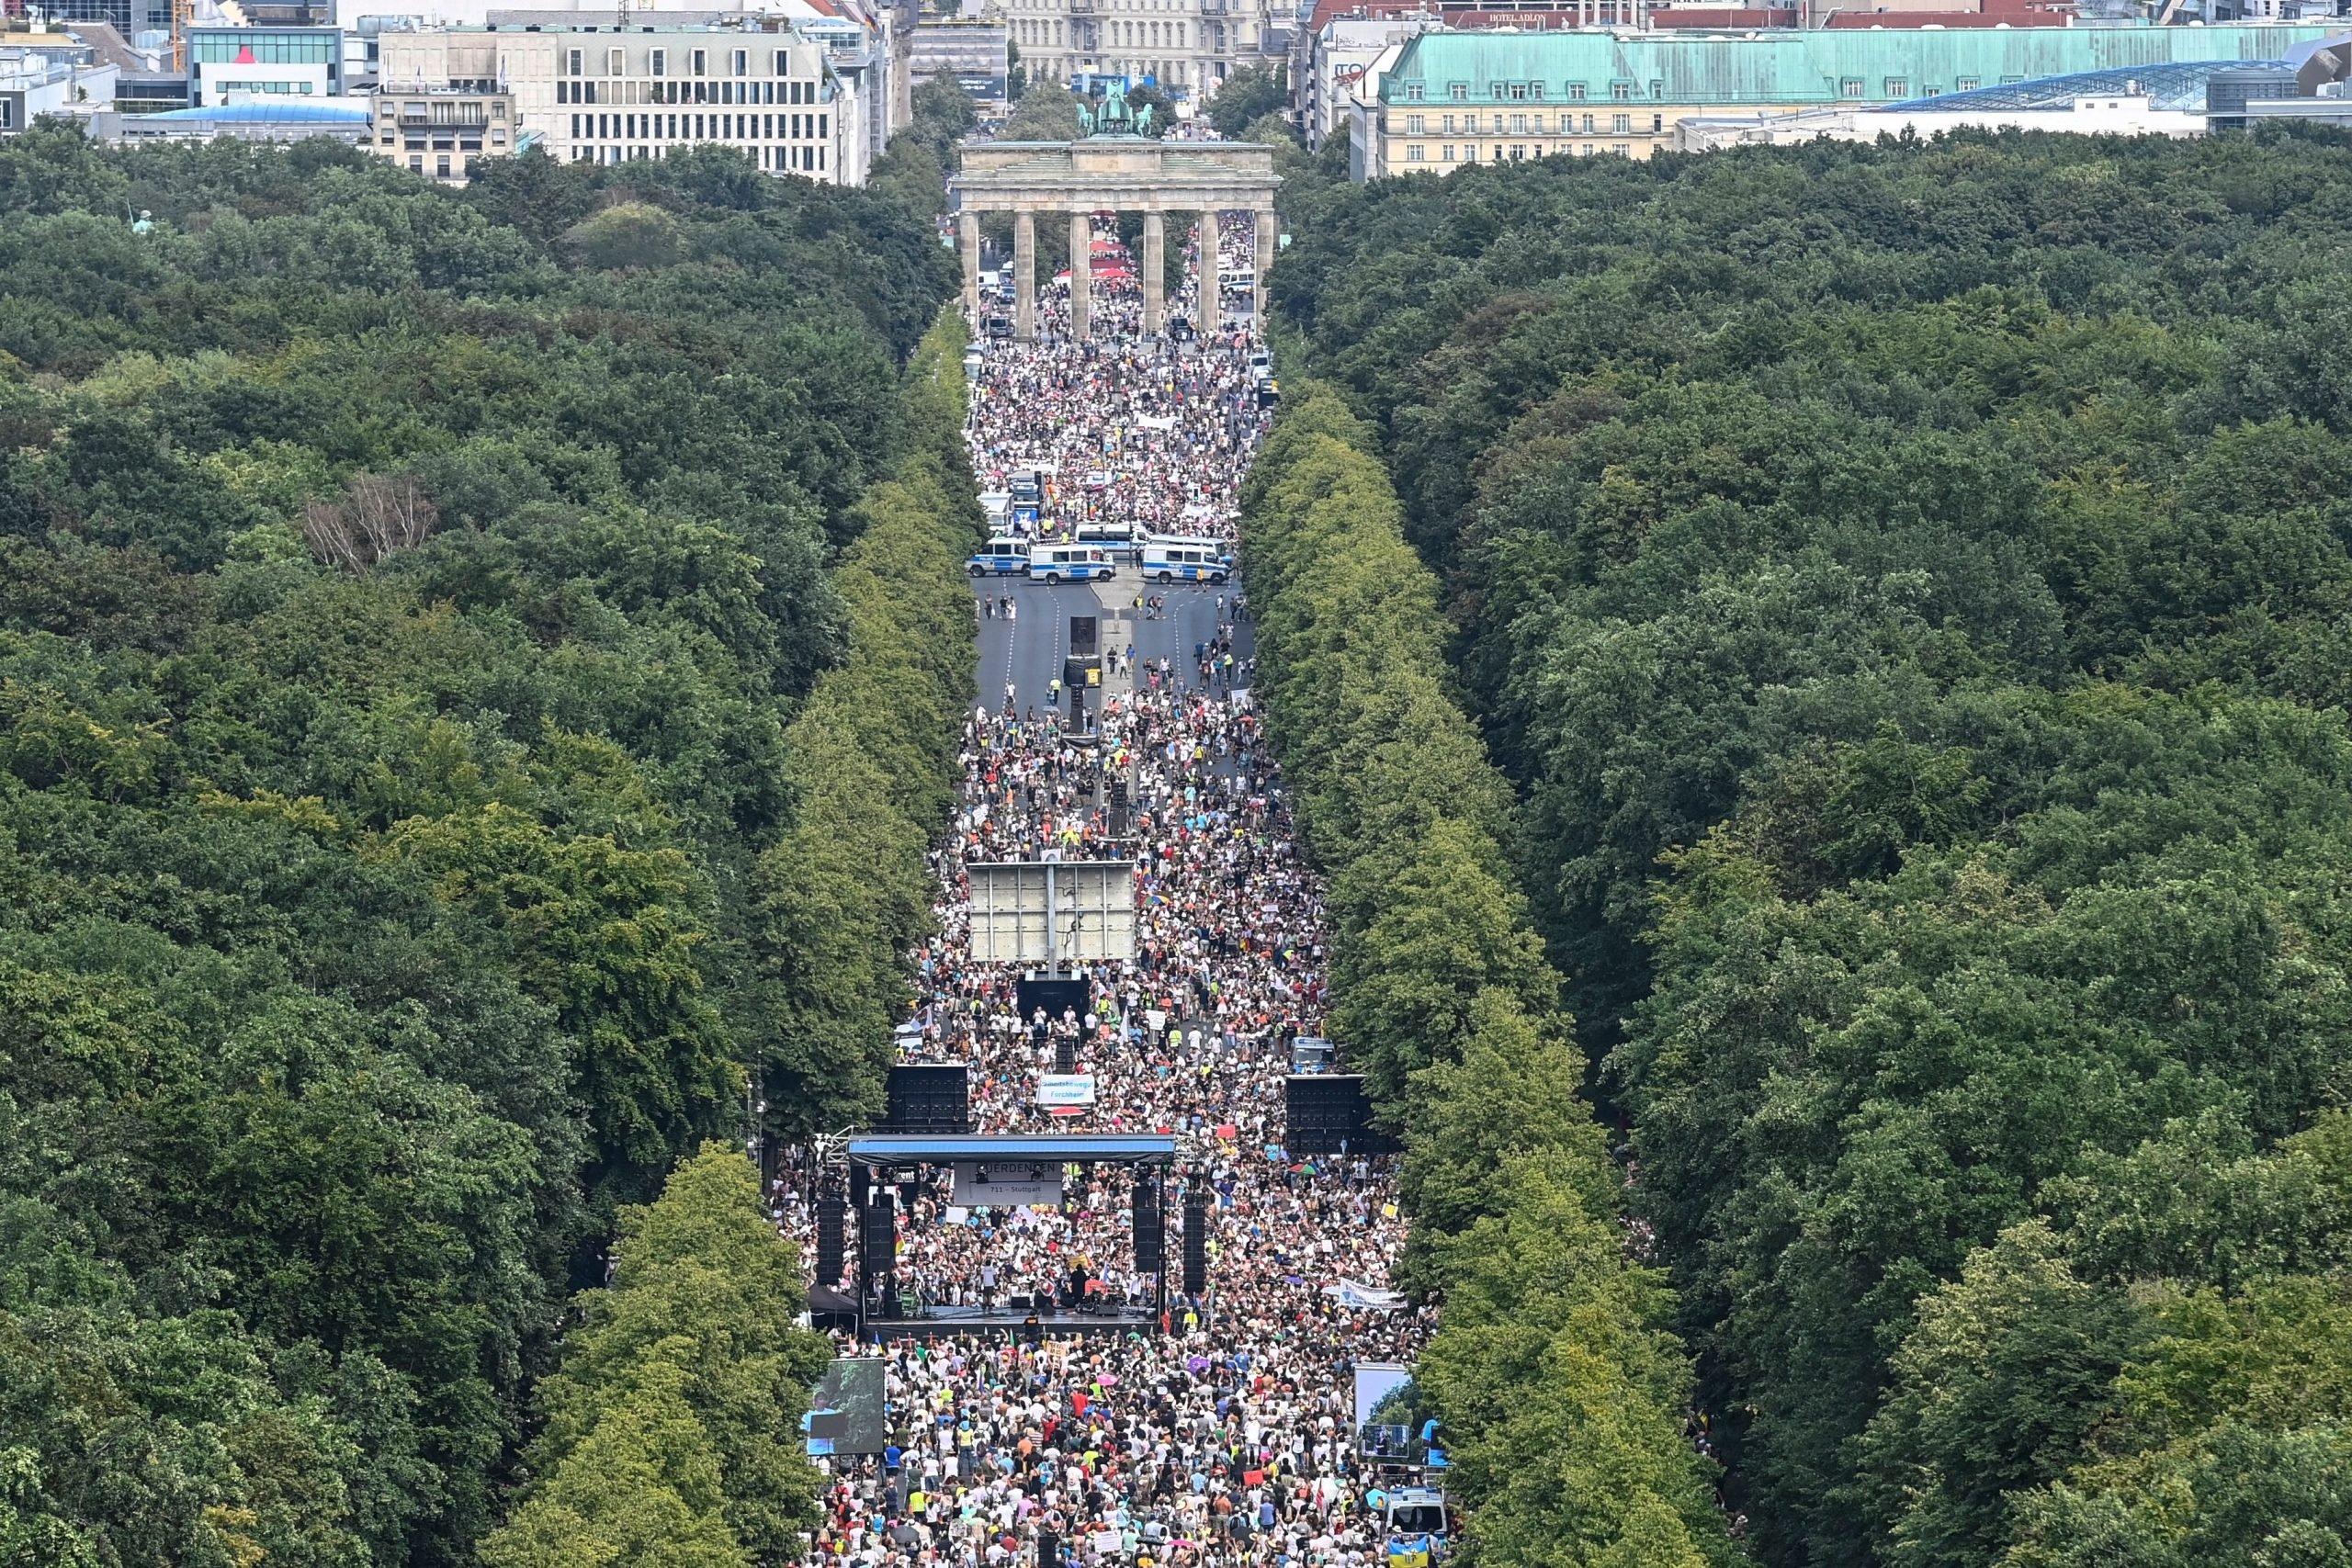 Lückenpresse – Faktensuche: Debatte rund um die Berliner Demo gegen die Corona-Politik